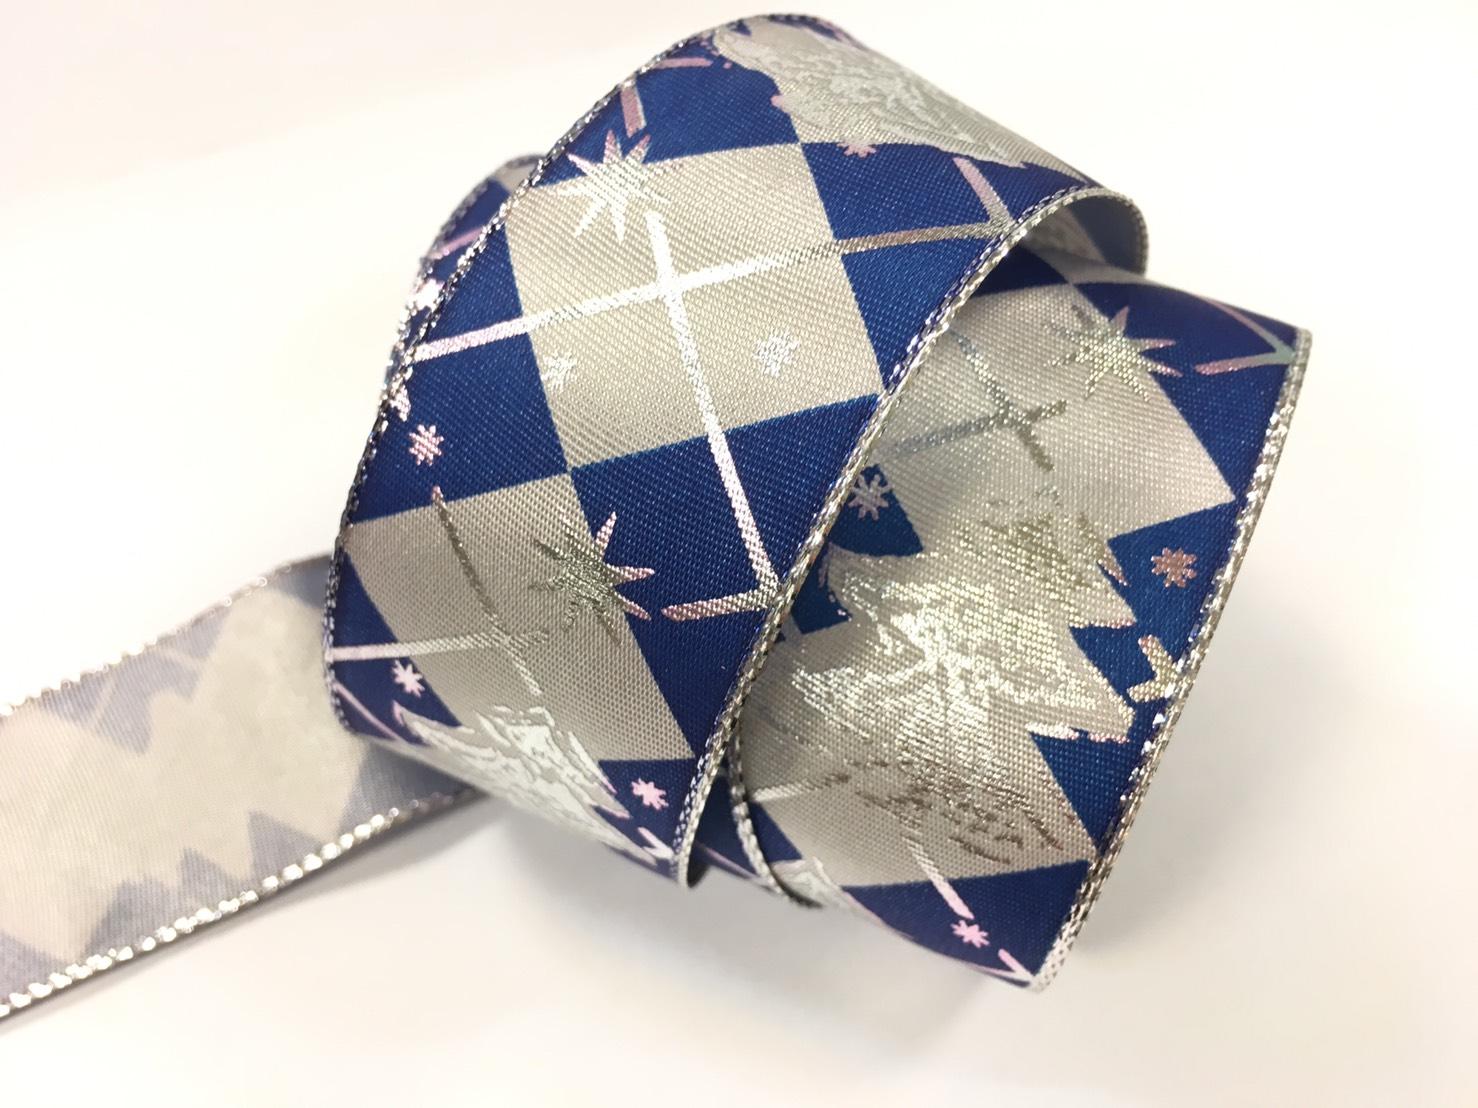 星菱紋聖誕鐵絲緞帶 38mm 3碼裝 (2色)